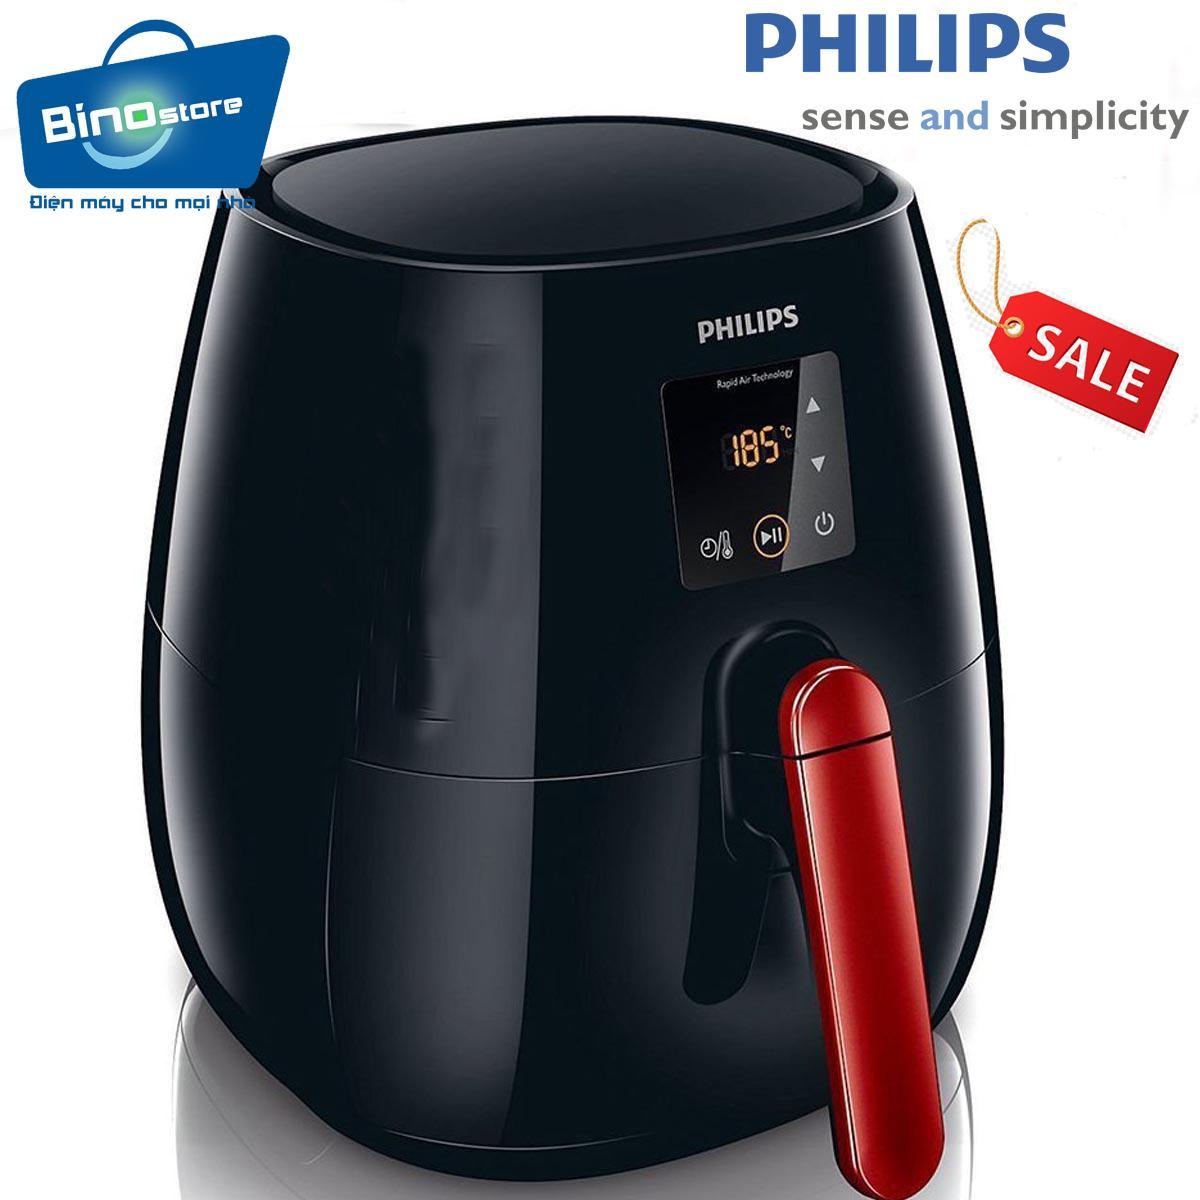 Hình ảnh Nồi Chiên Không Khí Điện Tử Đa Năng Philips Hd9238 - Hàng Nhập Khẩu(Đen)